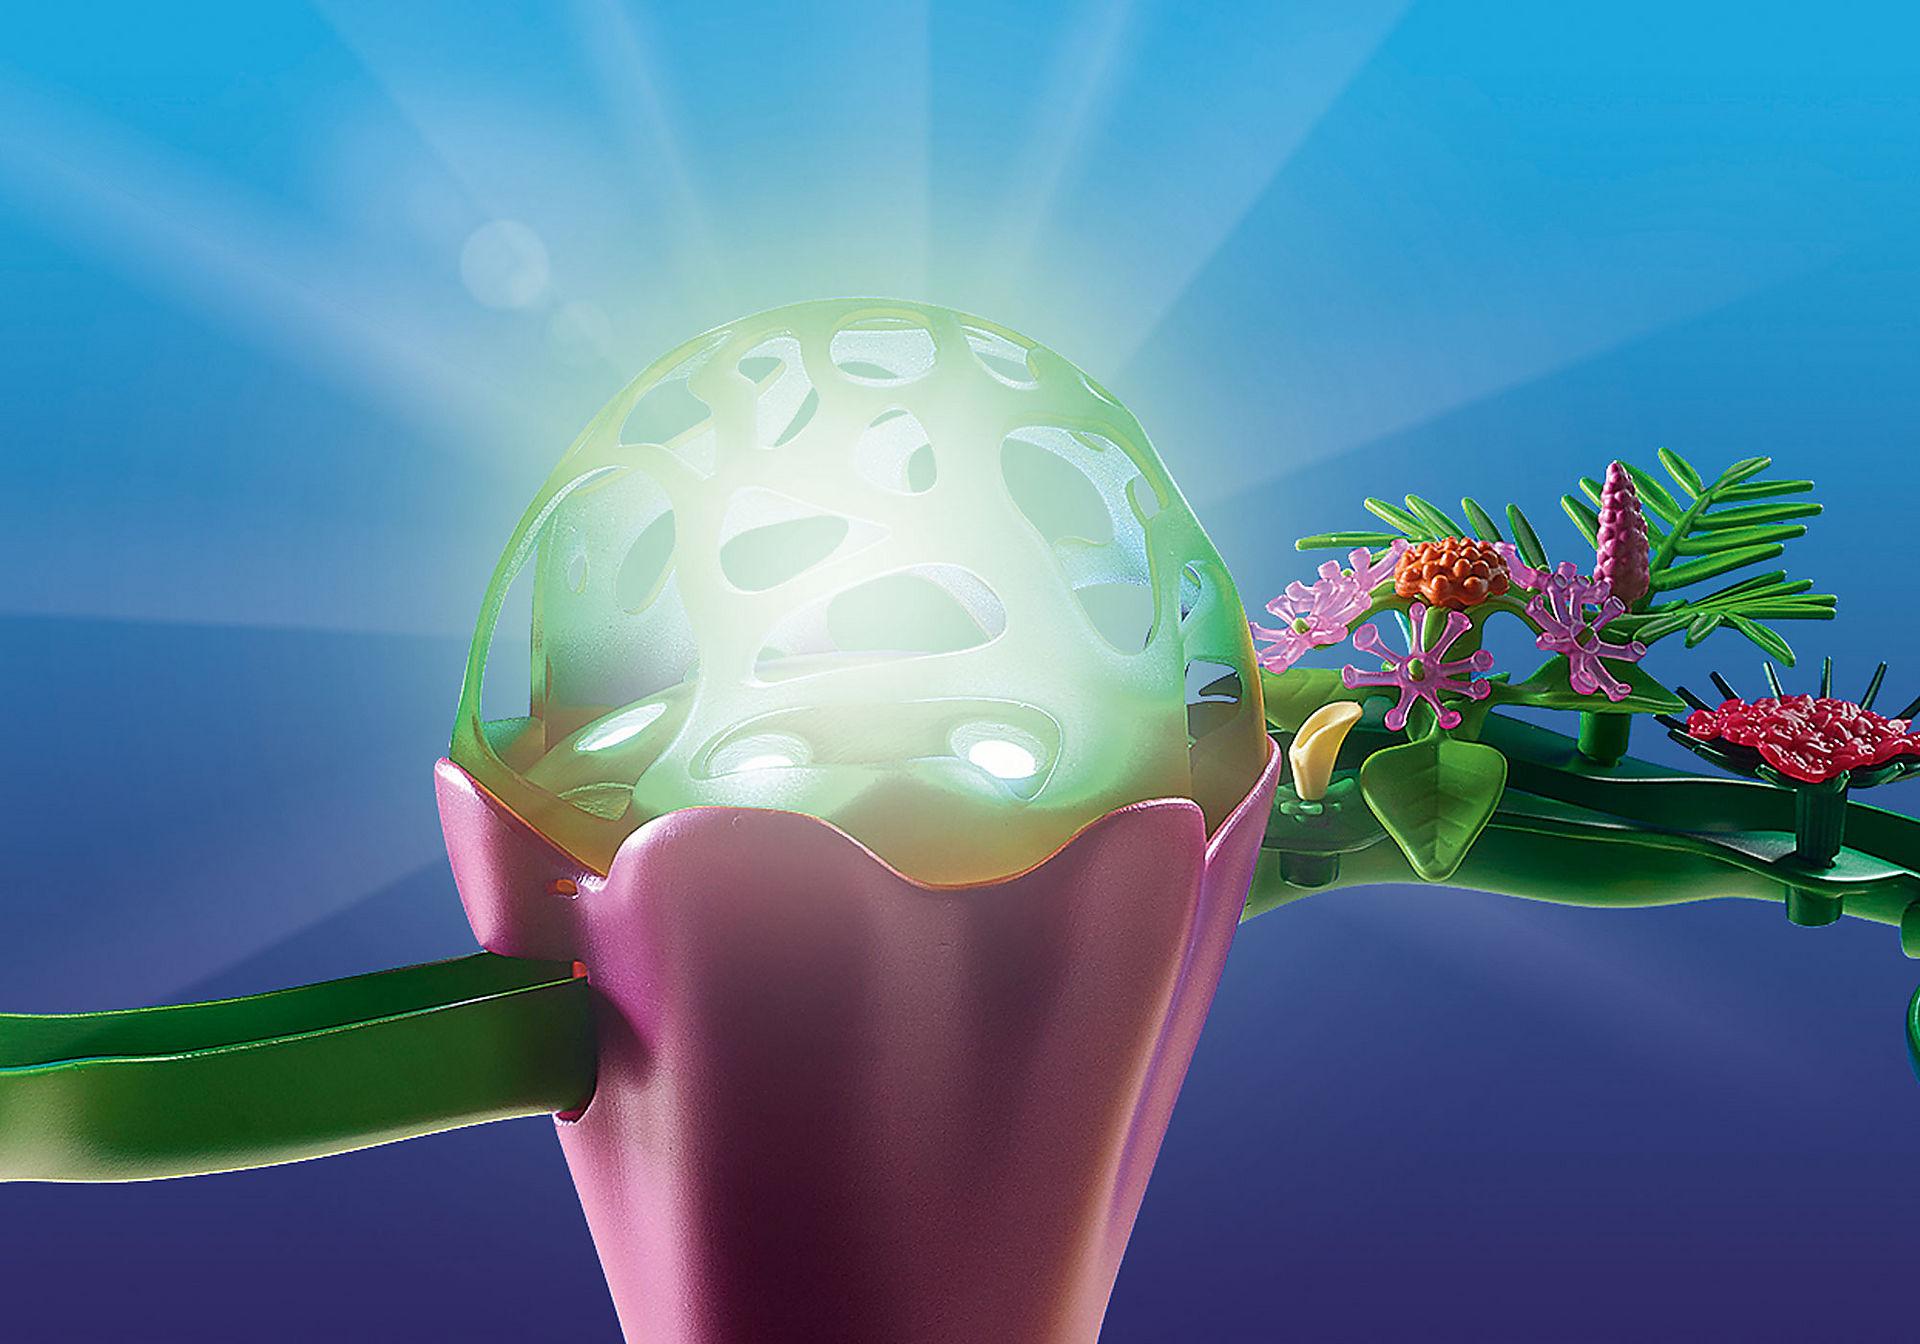 70094 Pavillon de corail avec dôme lumineux  zoom image7